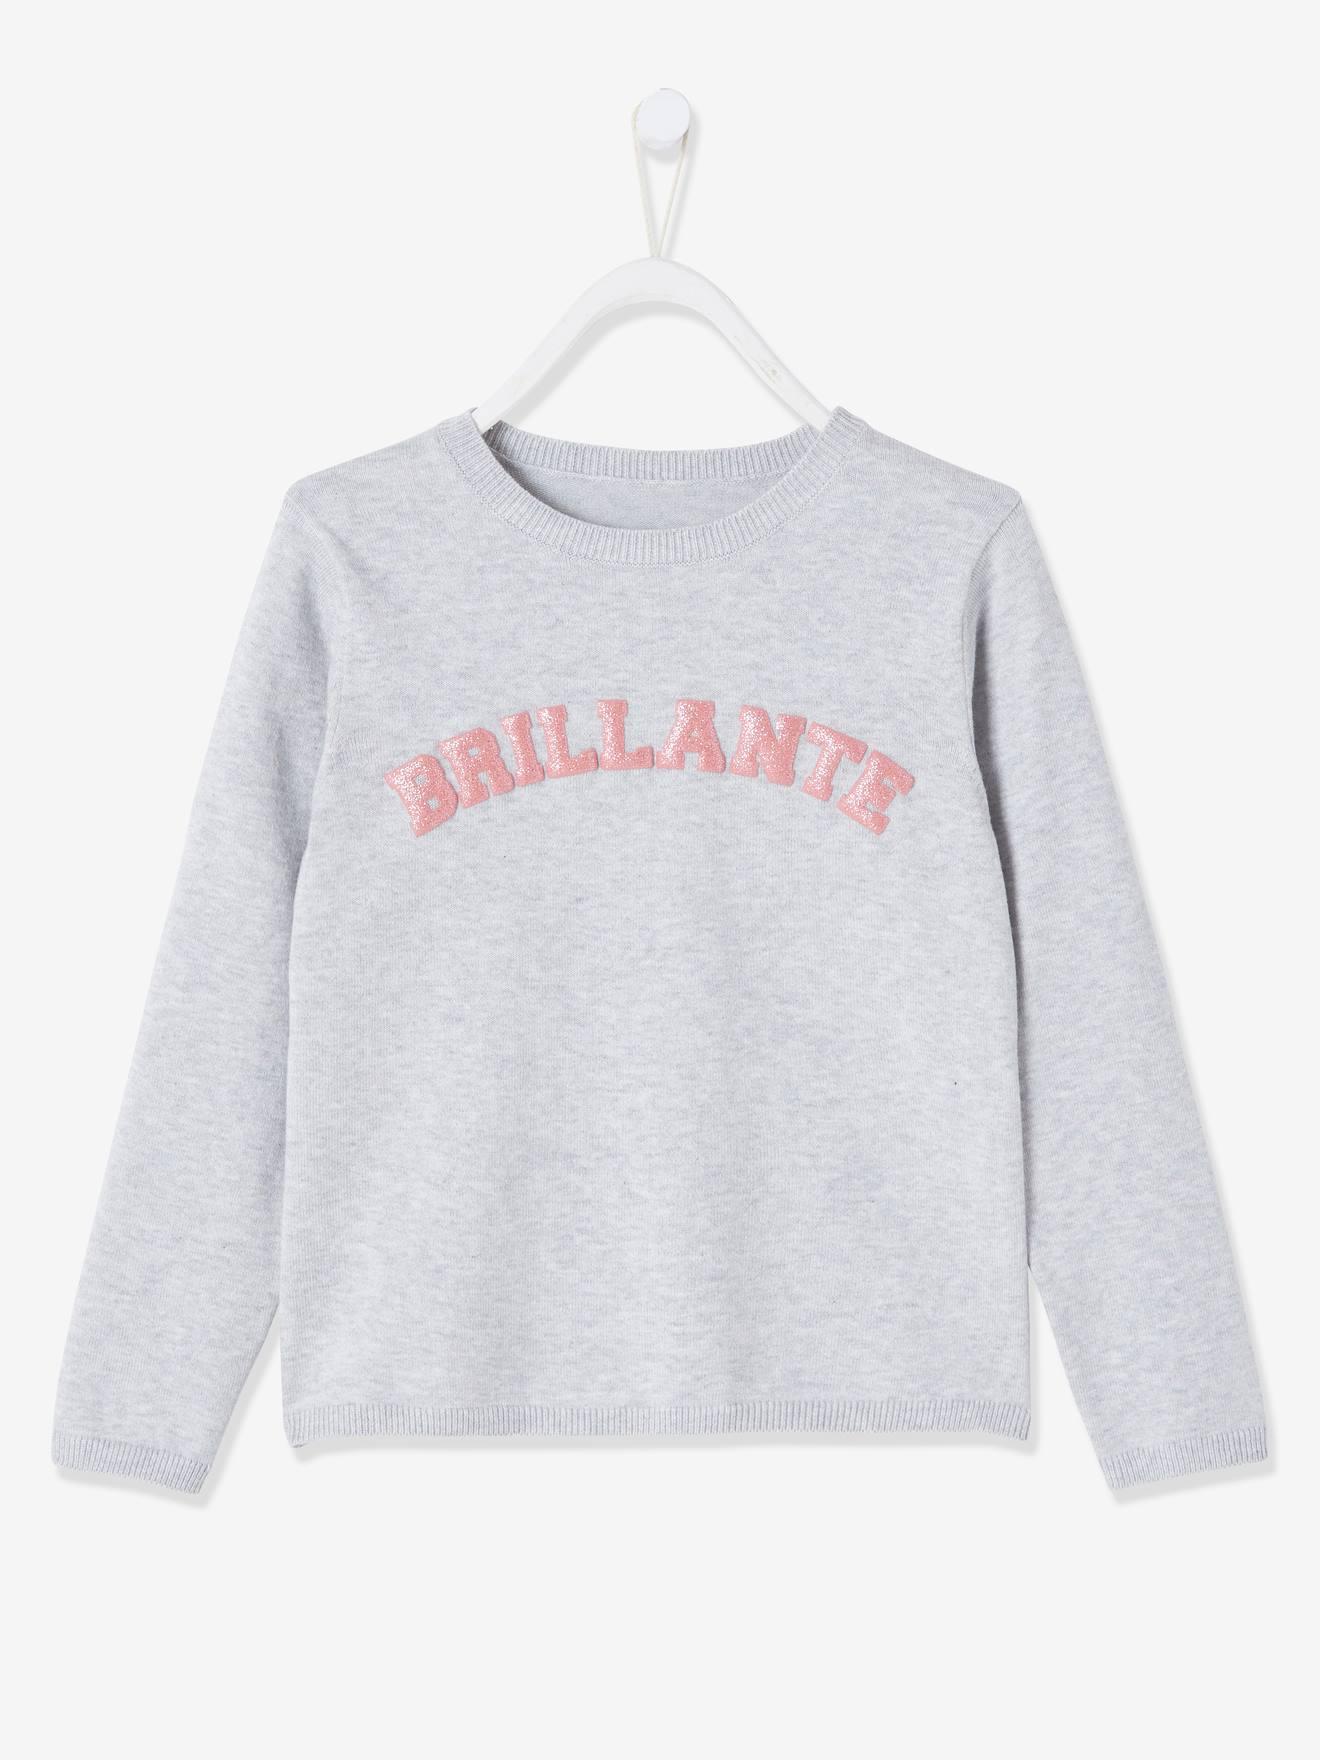 Truien Meisje | alle truien en sweaters op